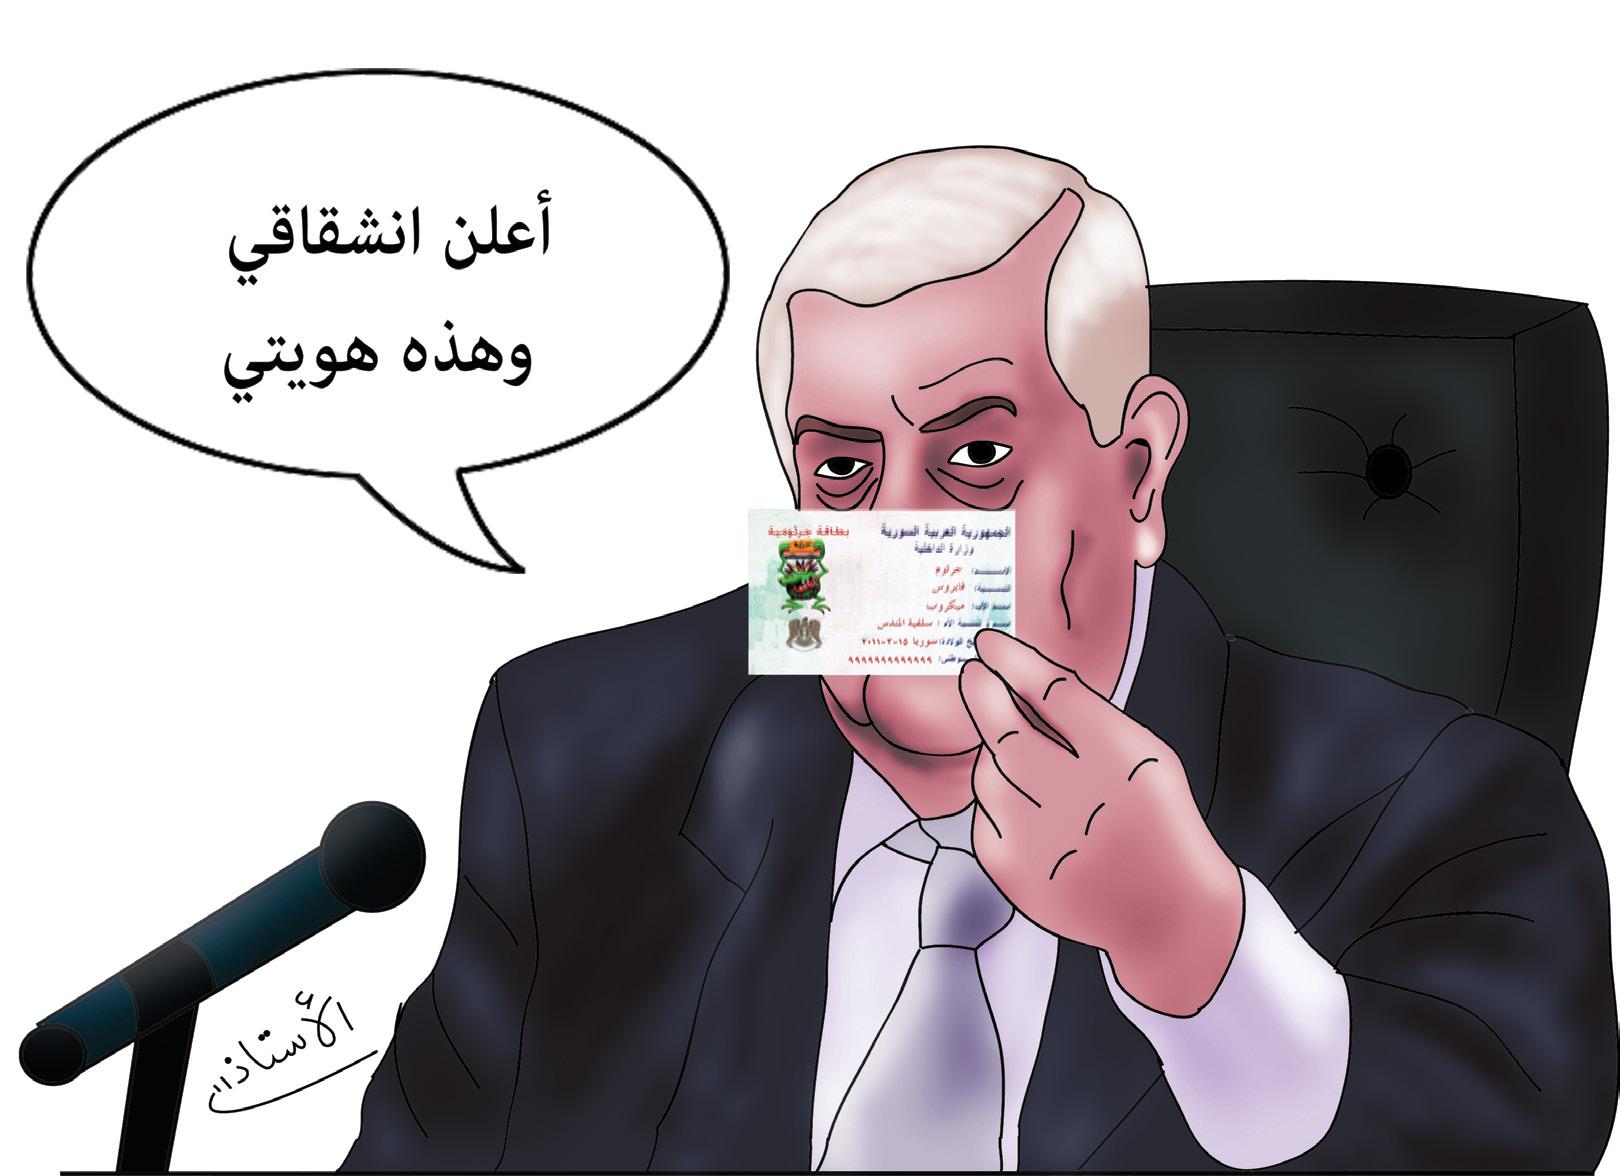 وليد المعلم وزير خارجية من الوزن الثقيل! – أحمد كالو – خاص الغربال